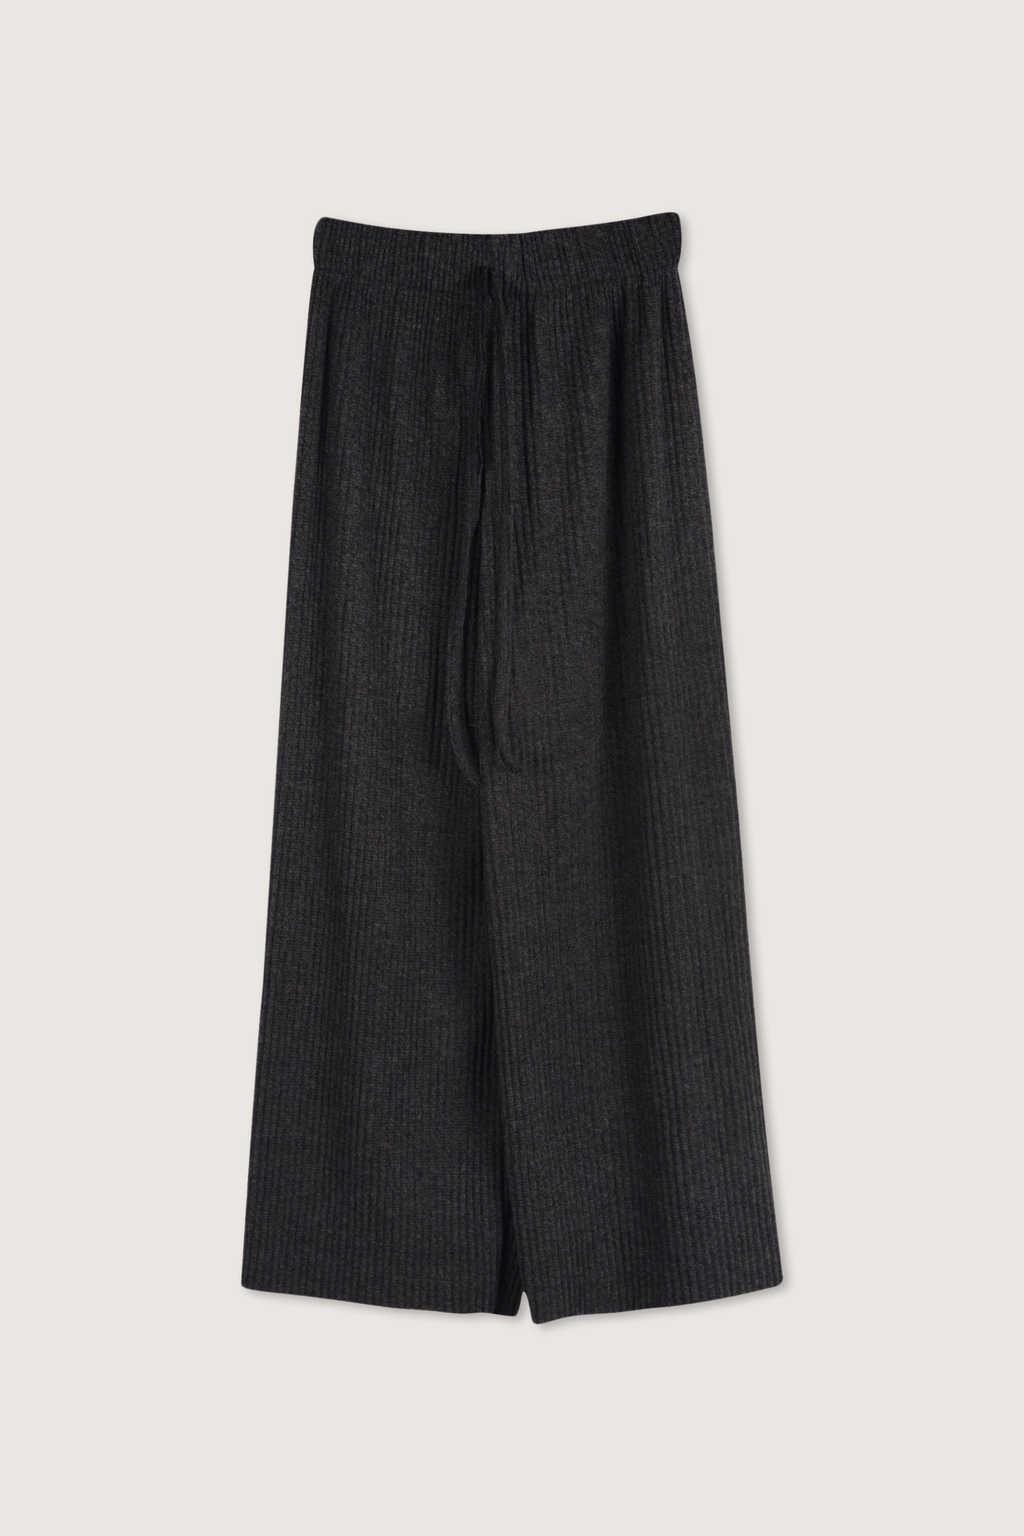 Pant H334 Dark Gray 5